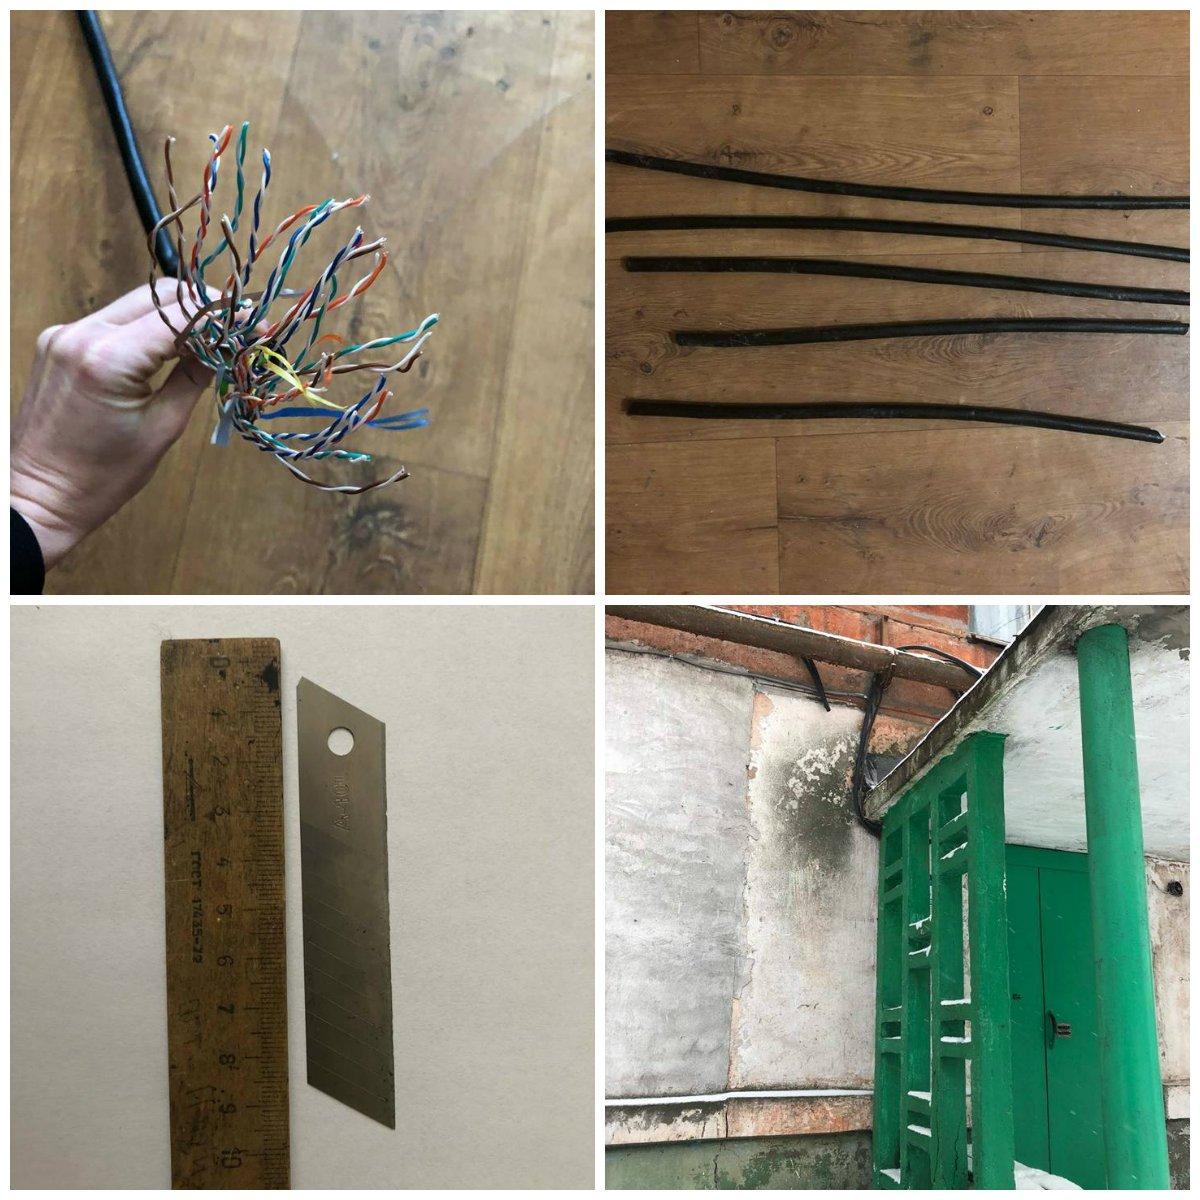 Житель Никополя украл кабель и оставил 24 дома без интернета